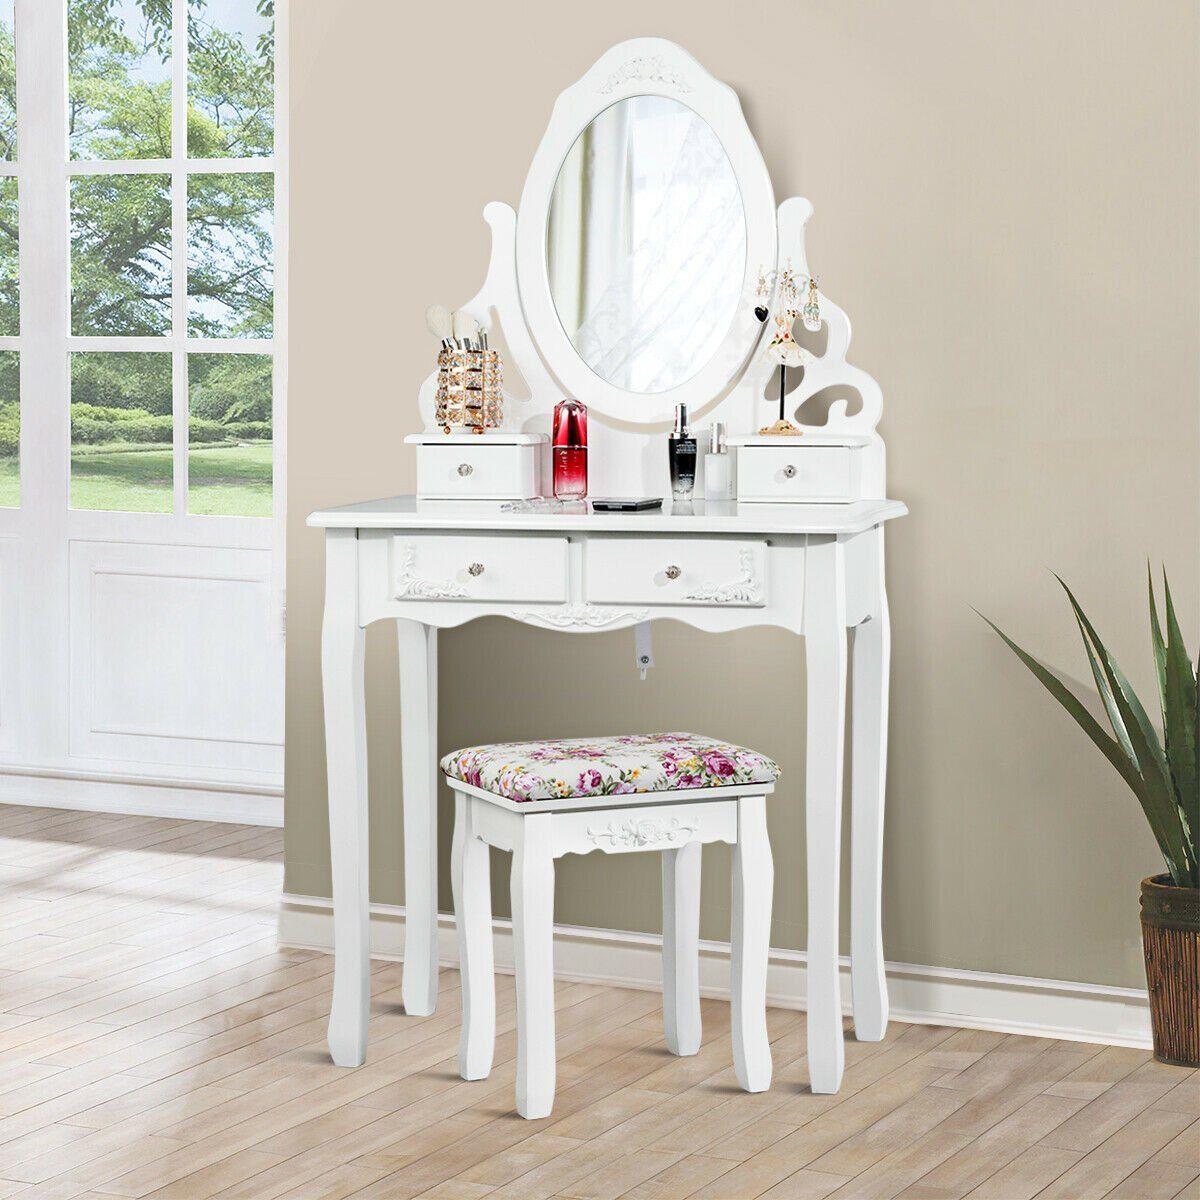 gymax bedroom wood vanity makeup dressing table stool set